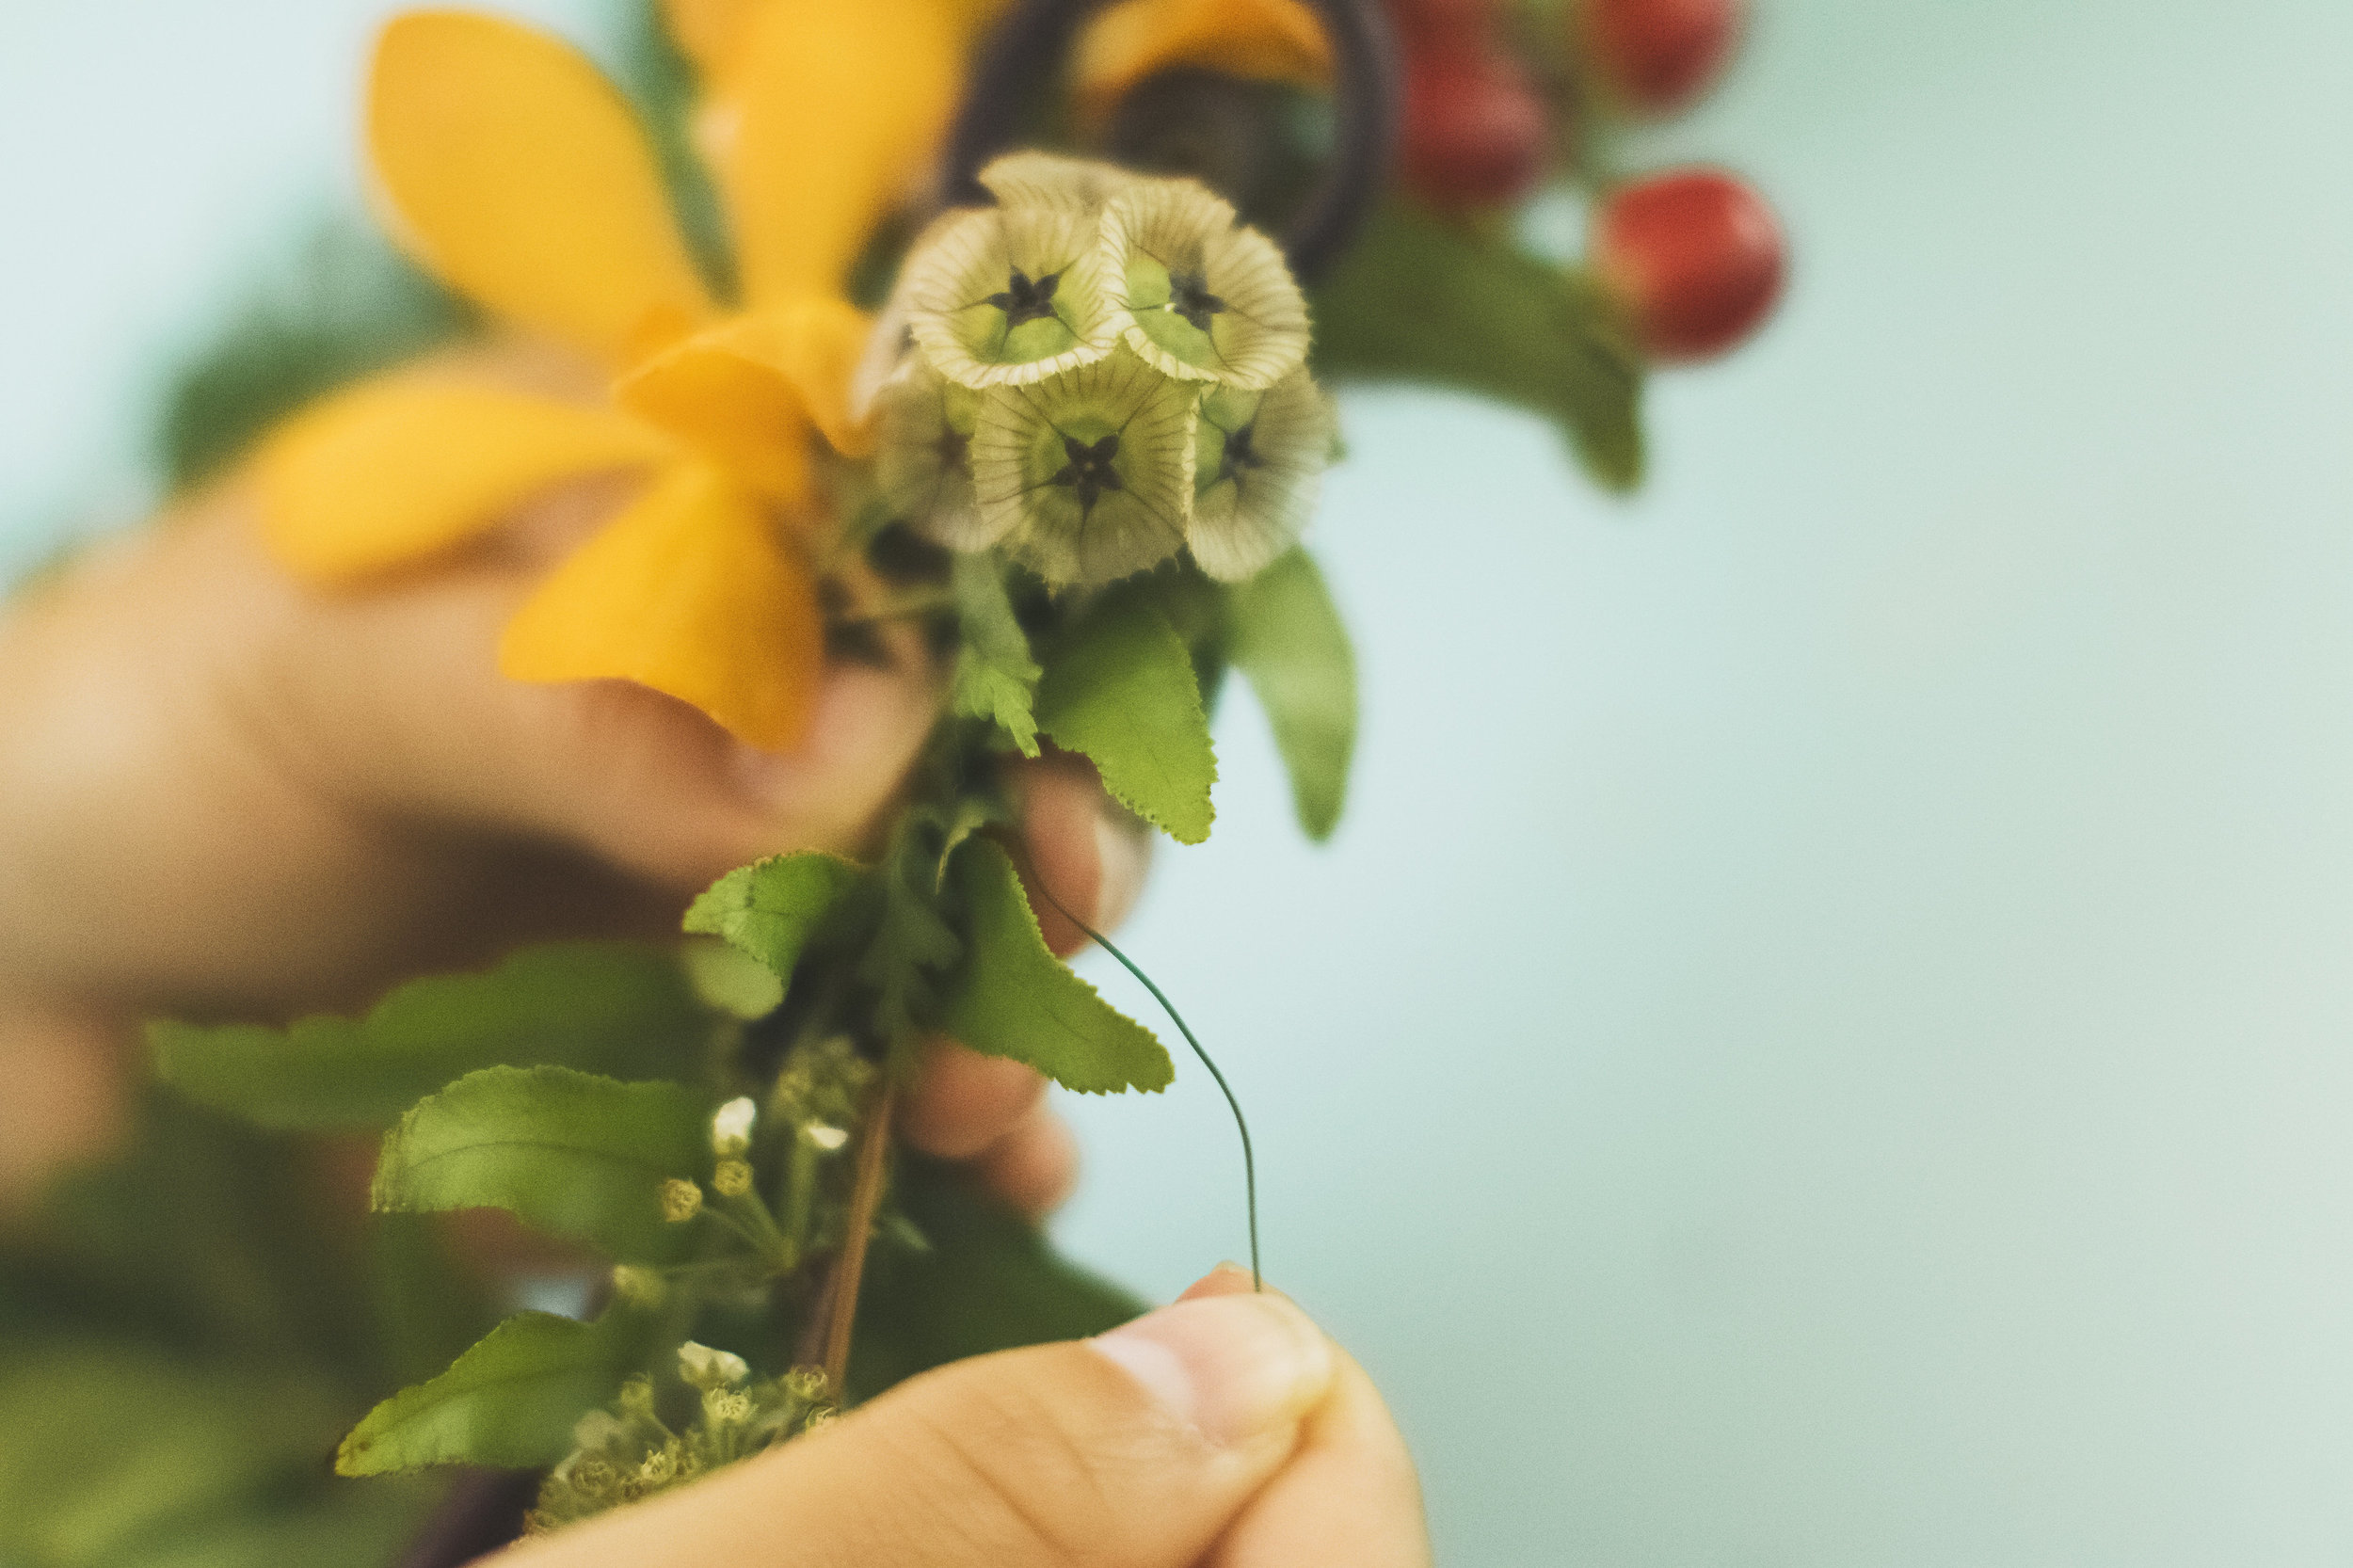 angie-diaz-photography-diy-flower-crown-tutorial-17.jpg